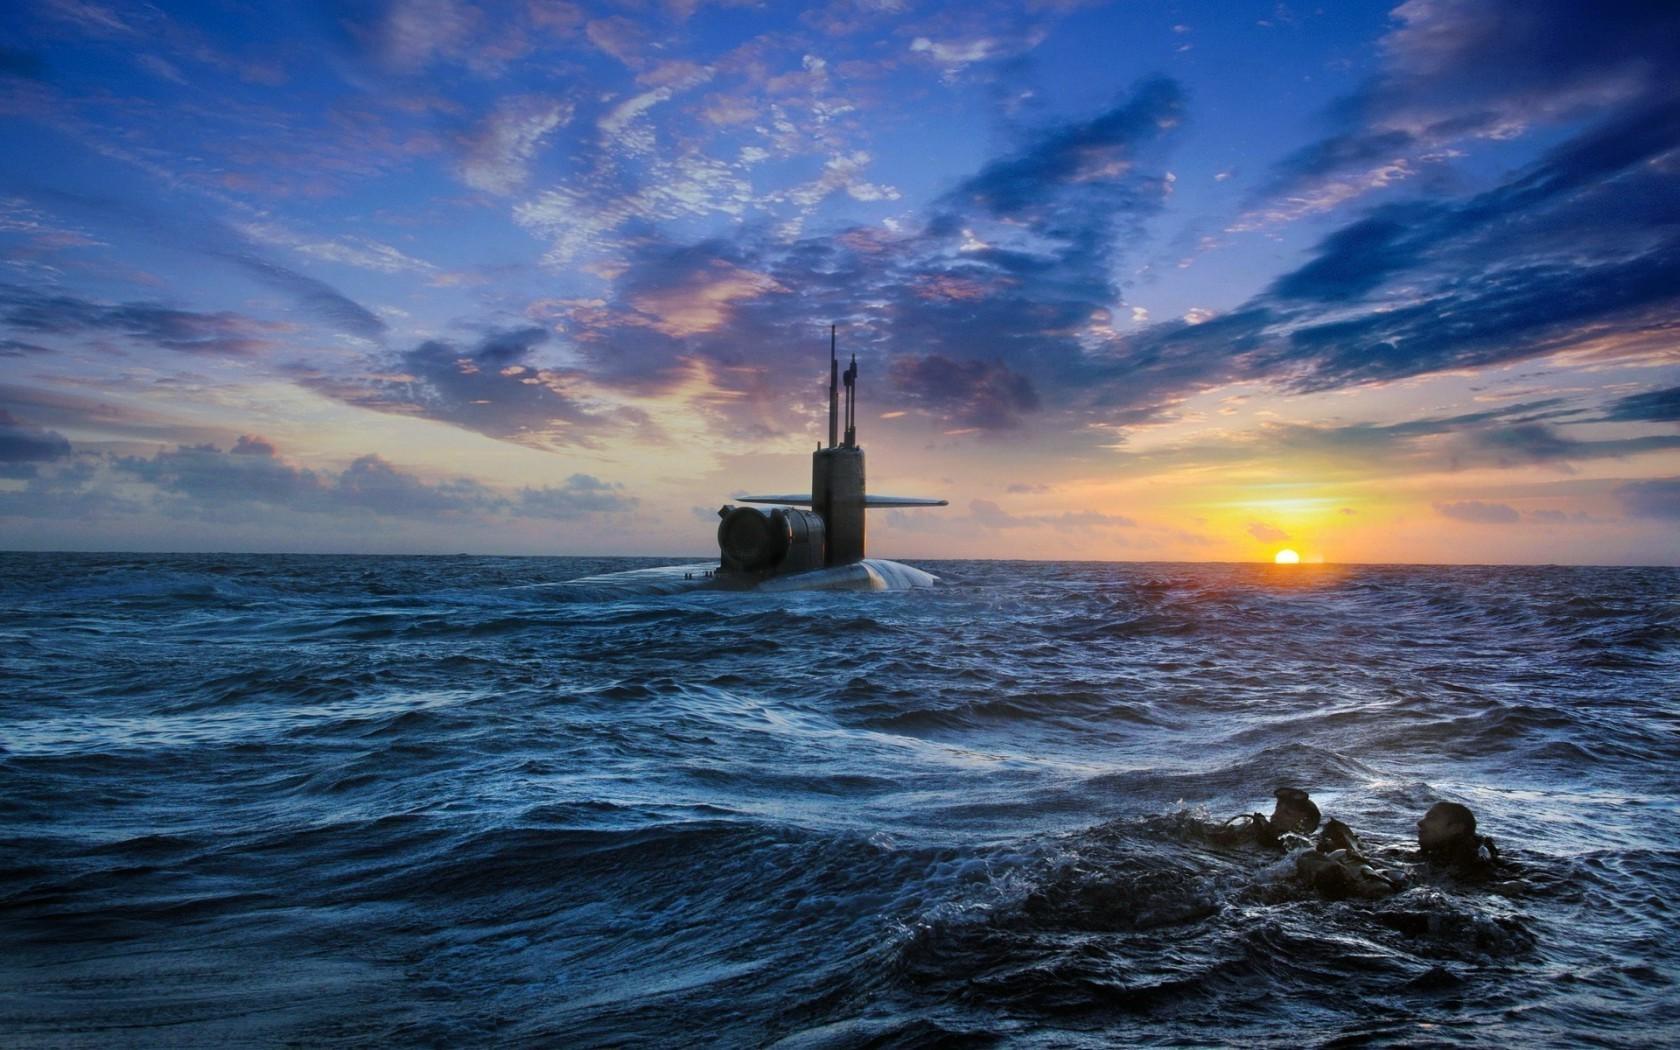 Санкт-Петербург корабль закат  № 3945020 бесплатно